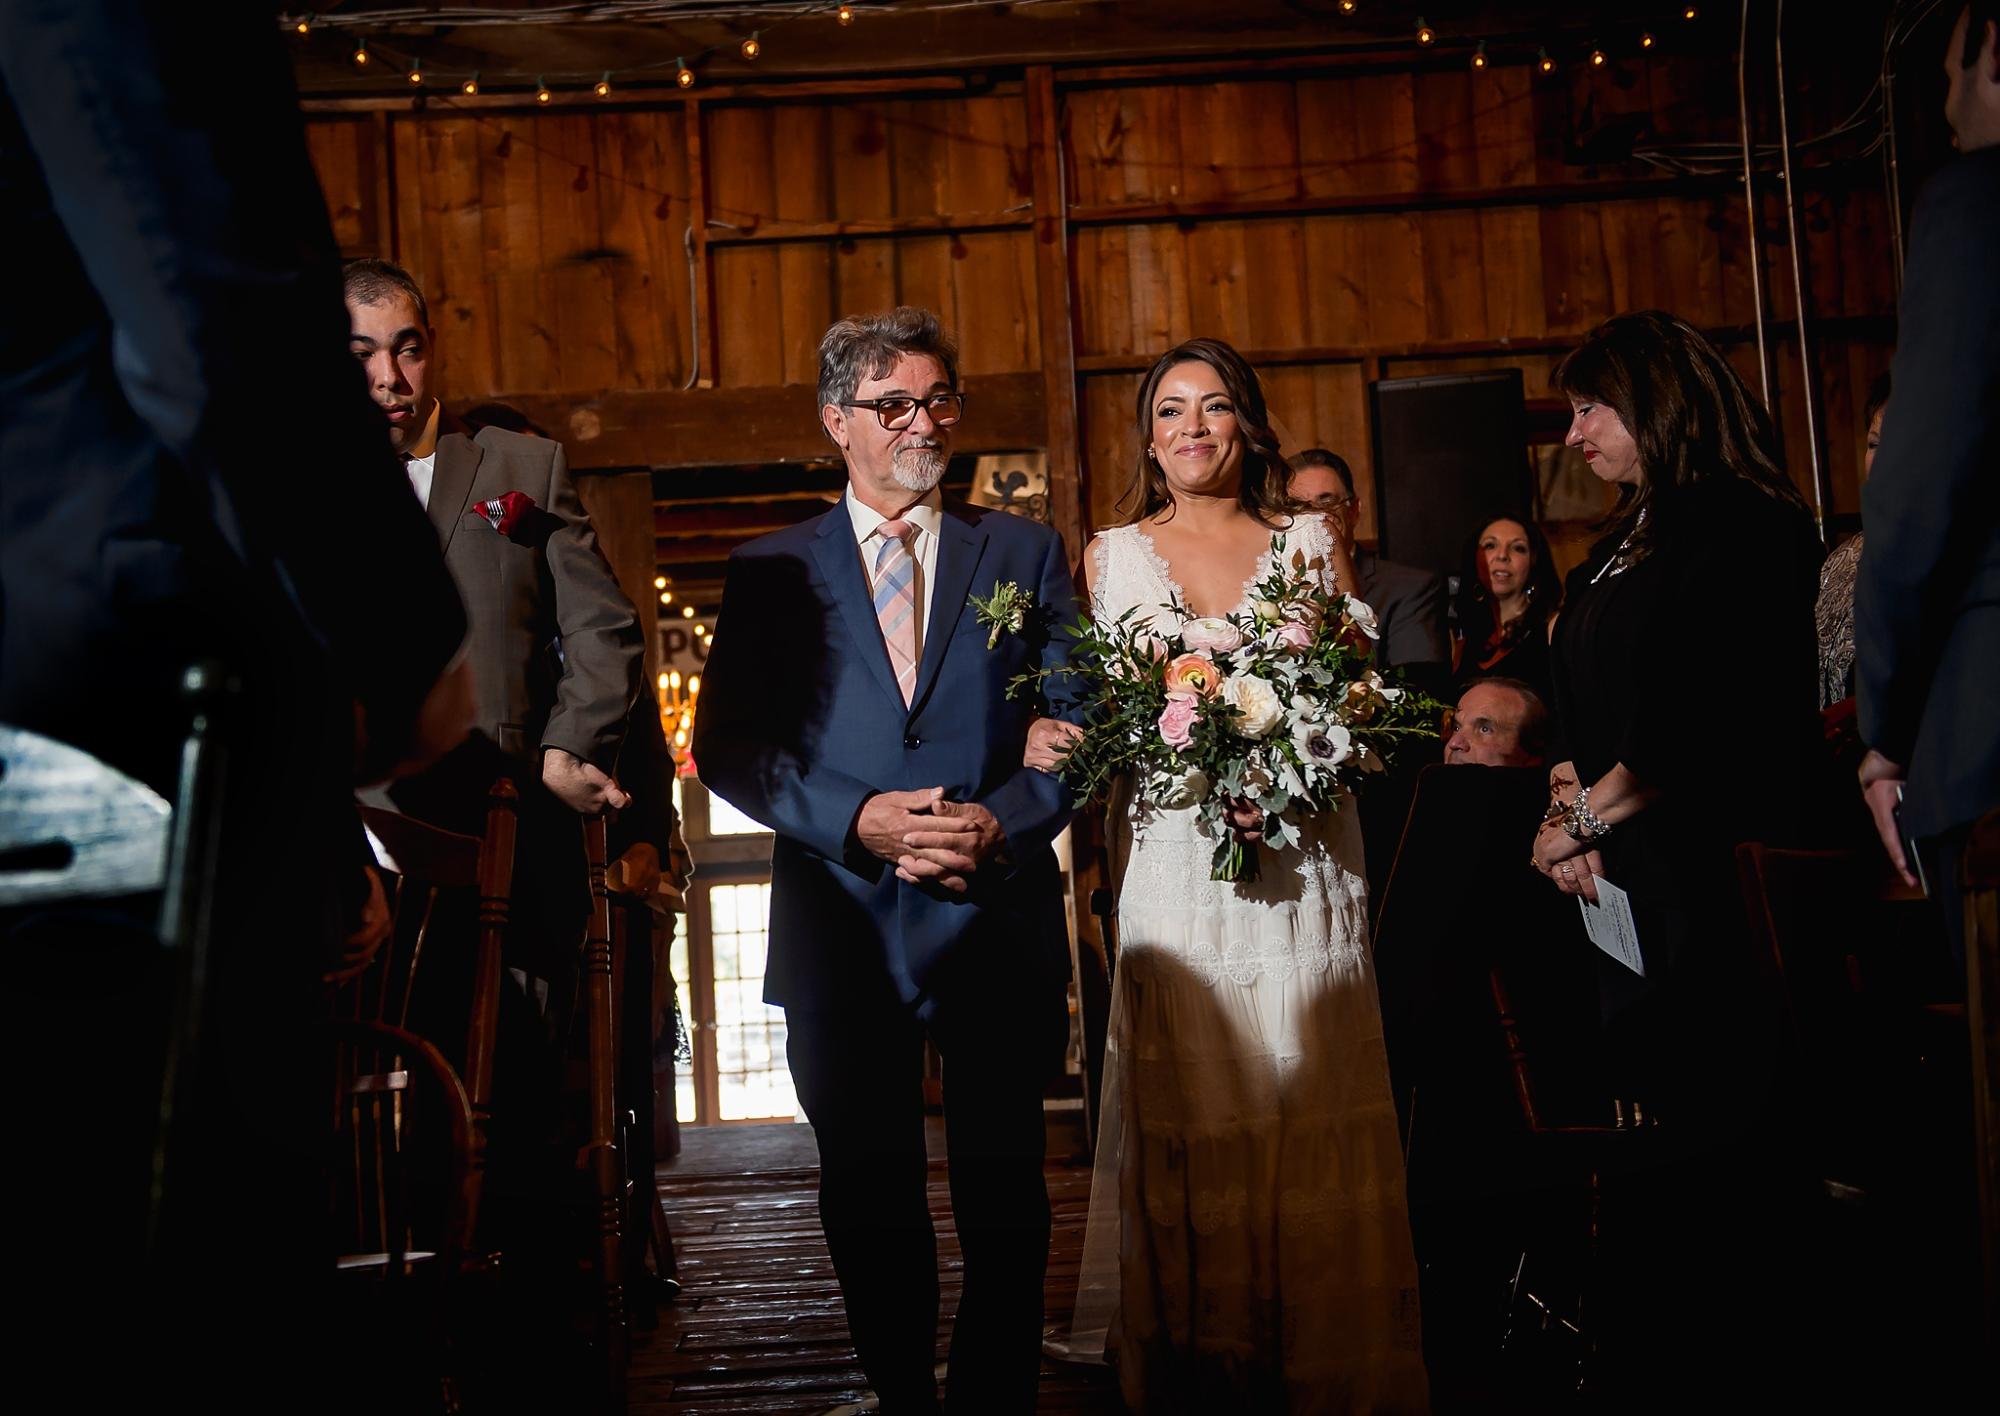 Jacks-Barn-Wedding-Photography24